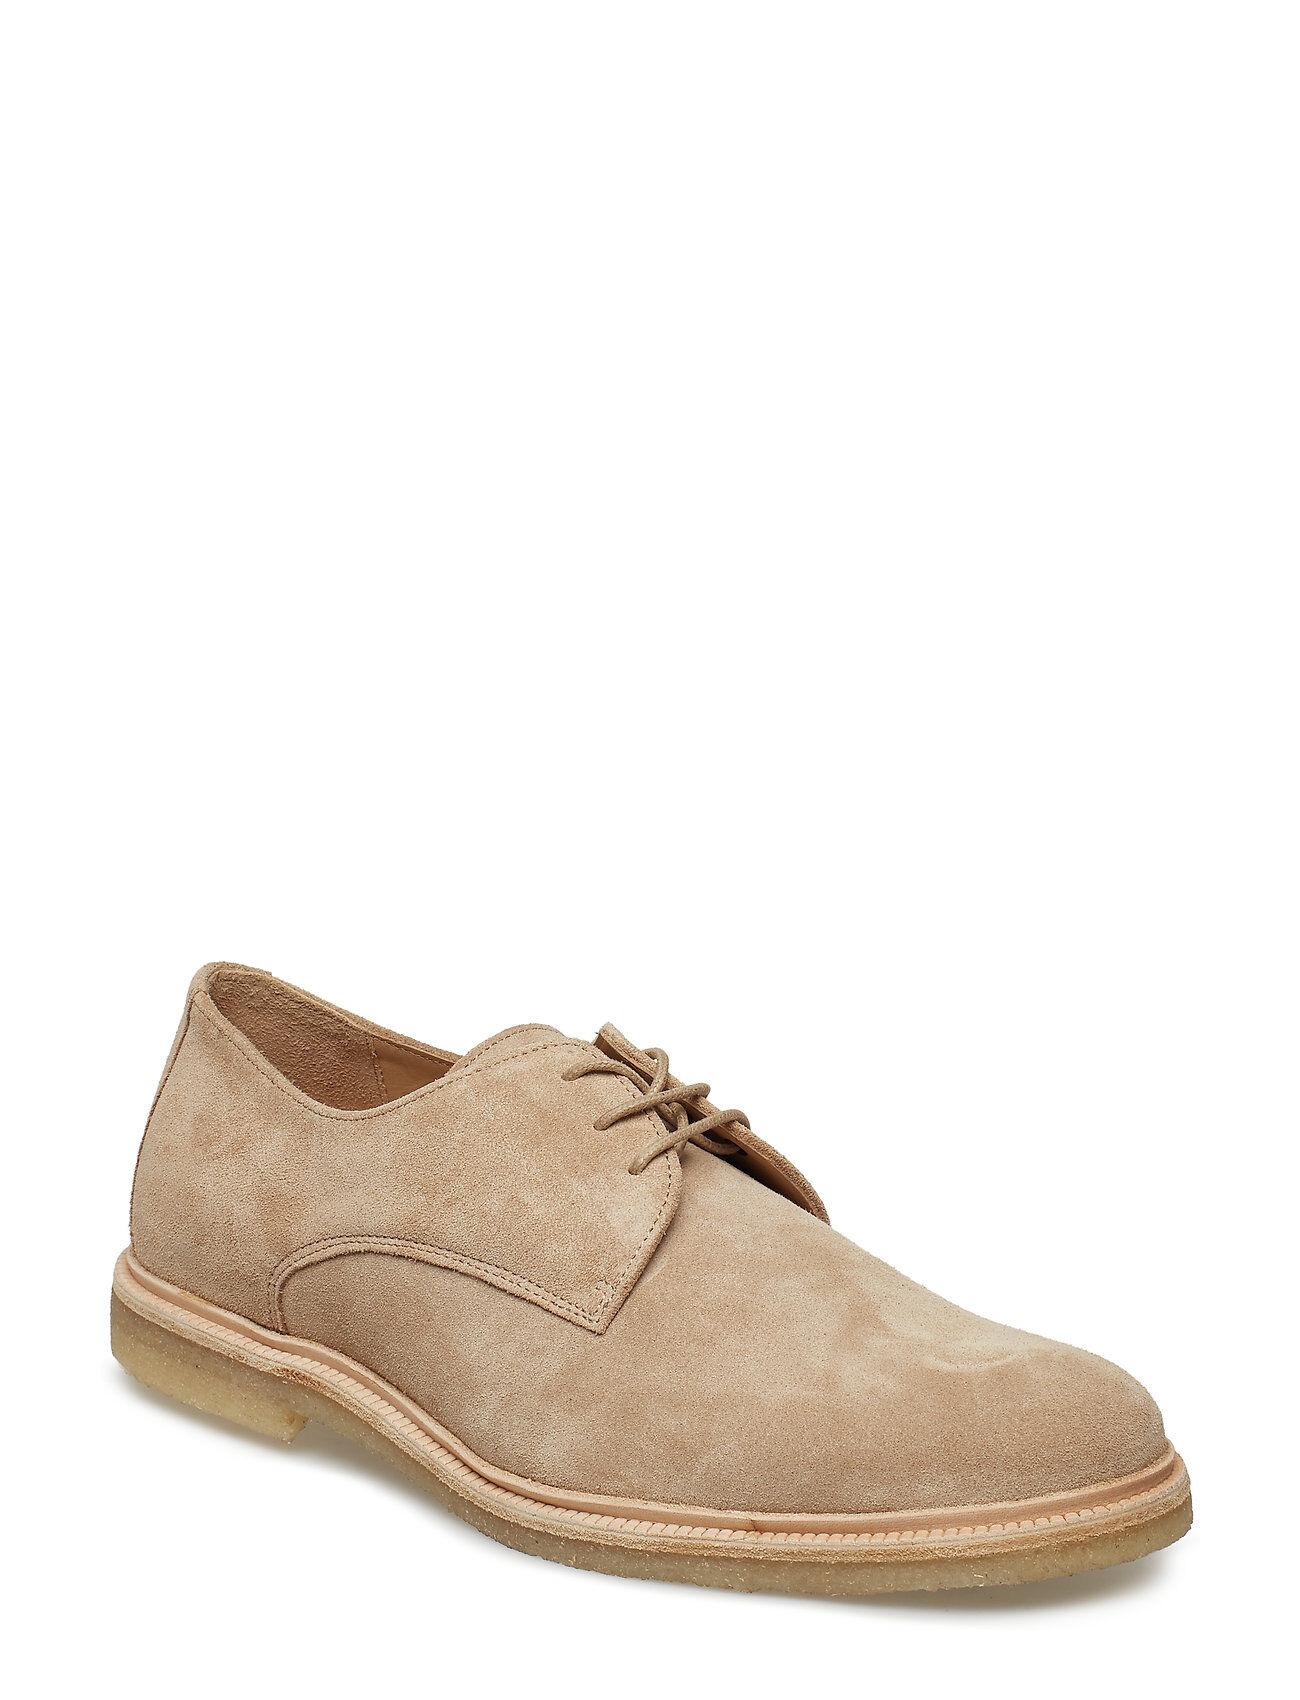 Royal RepubliQ Cast Crepe Derby Shoe Suede